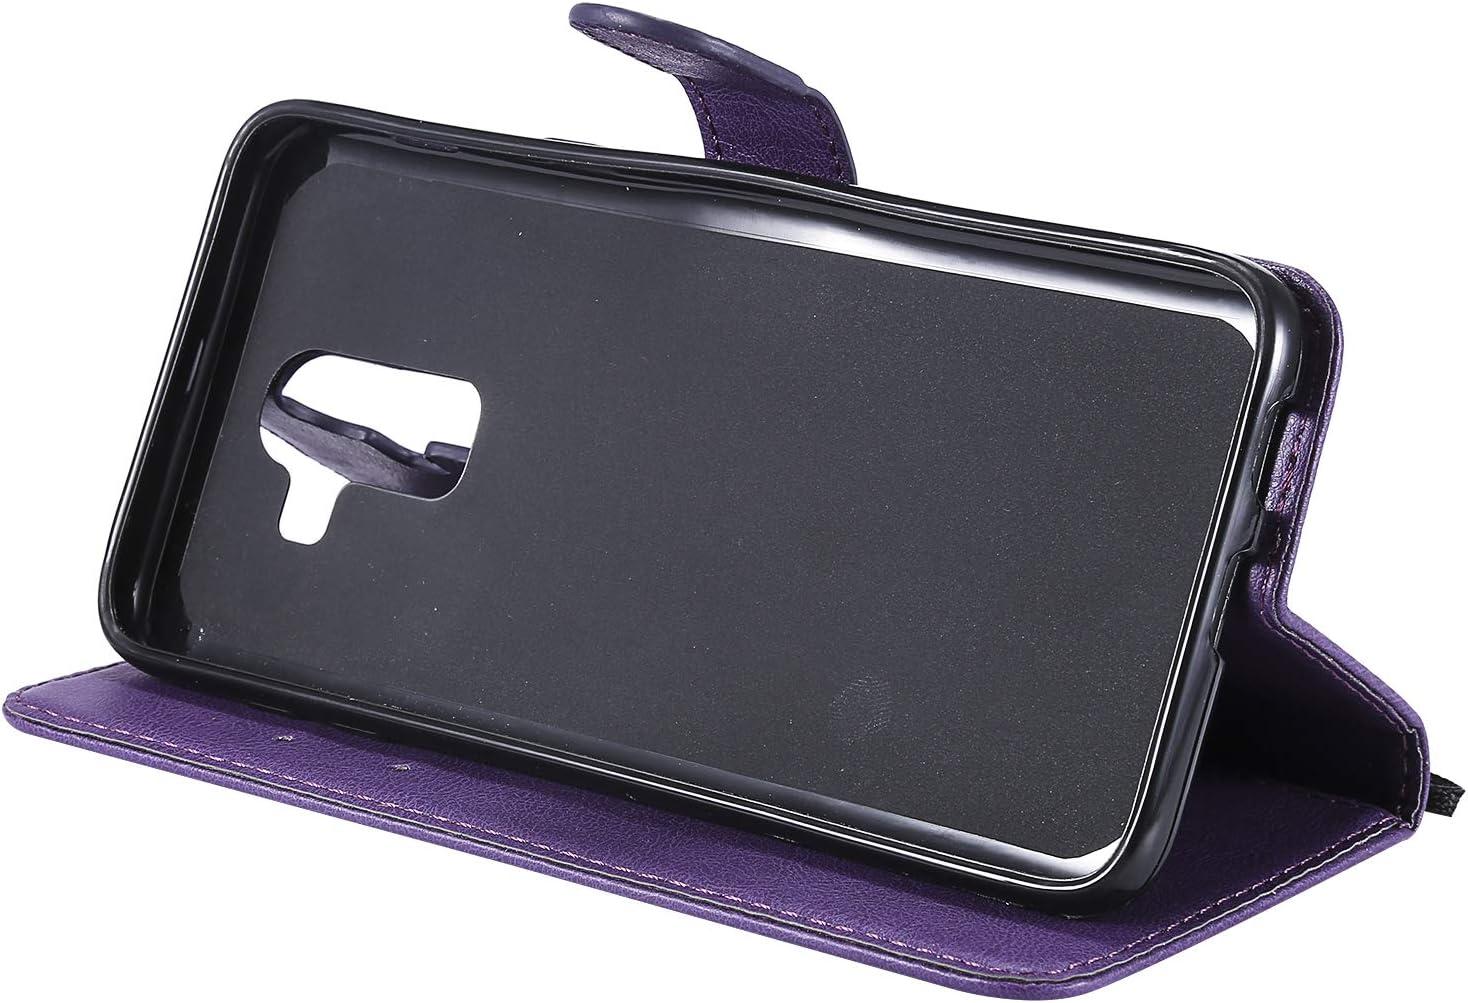 NEKTU13012 Braun NEXCURIO Samsung Galaxy J8 H/ülle Leder Handyh/ülle Tasche Leder Flip Case Brieftasche Etui mit Kartenfach Sto/ßfest Kratzfest Schutzh/ülle f/ür Samsung Galaxy J8 2018